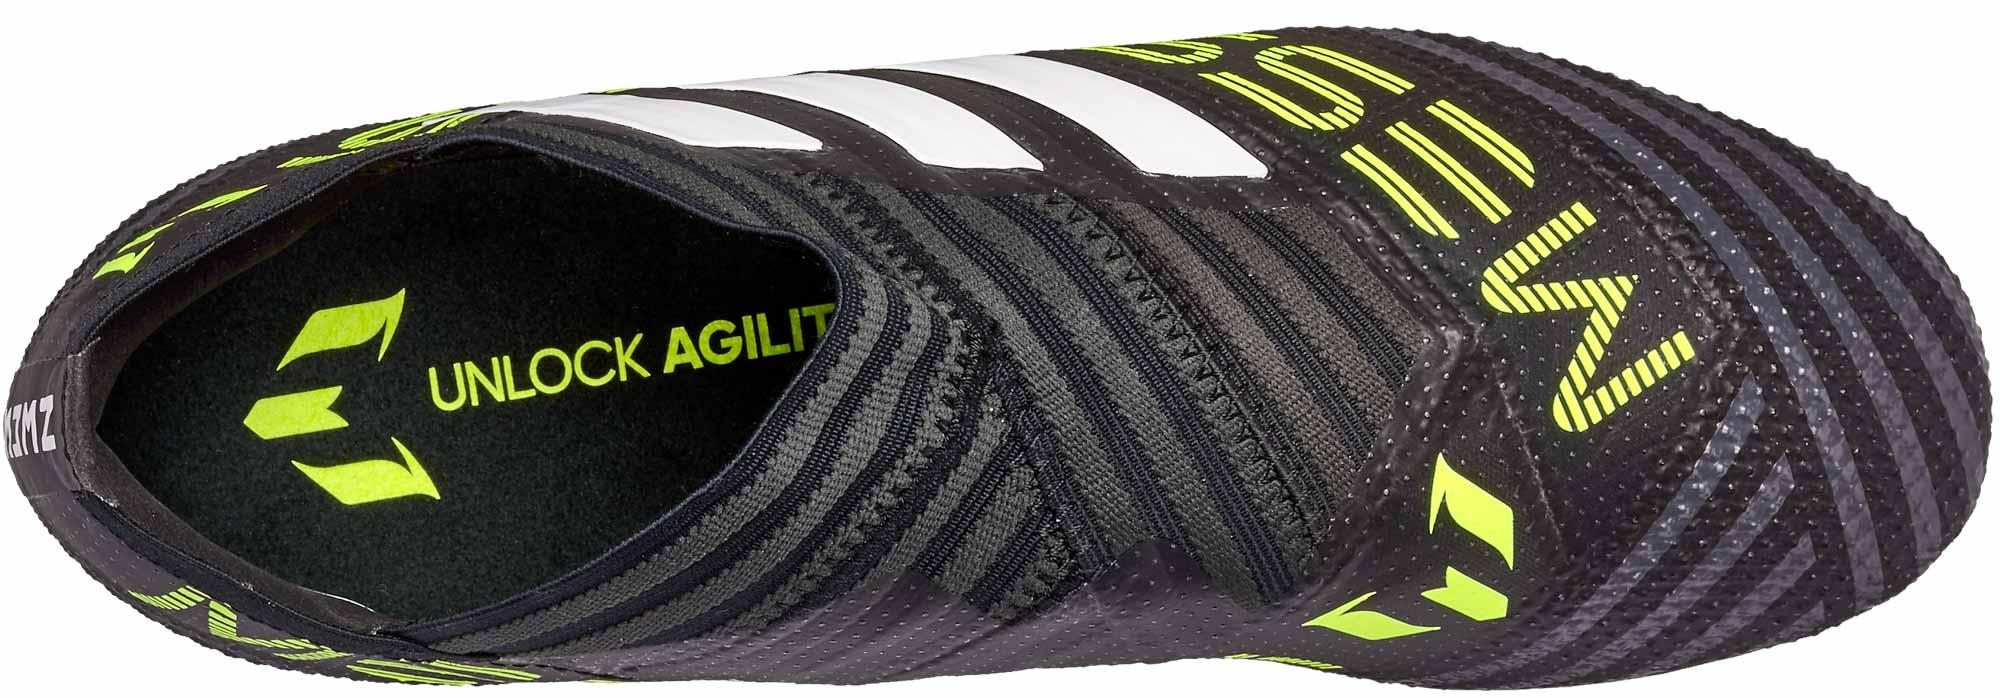 Adidas Zapatos De Fútbol Messi Niños 2018 QblAiy